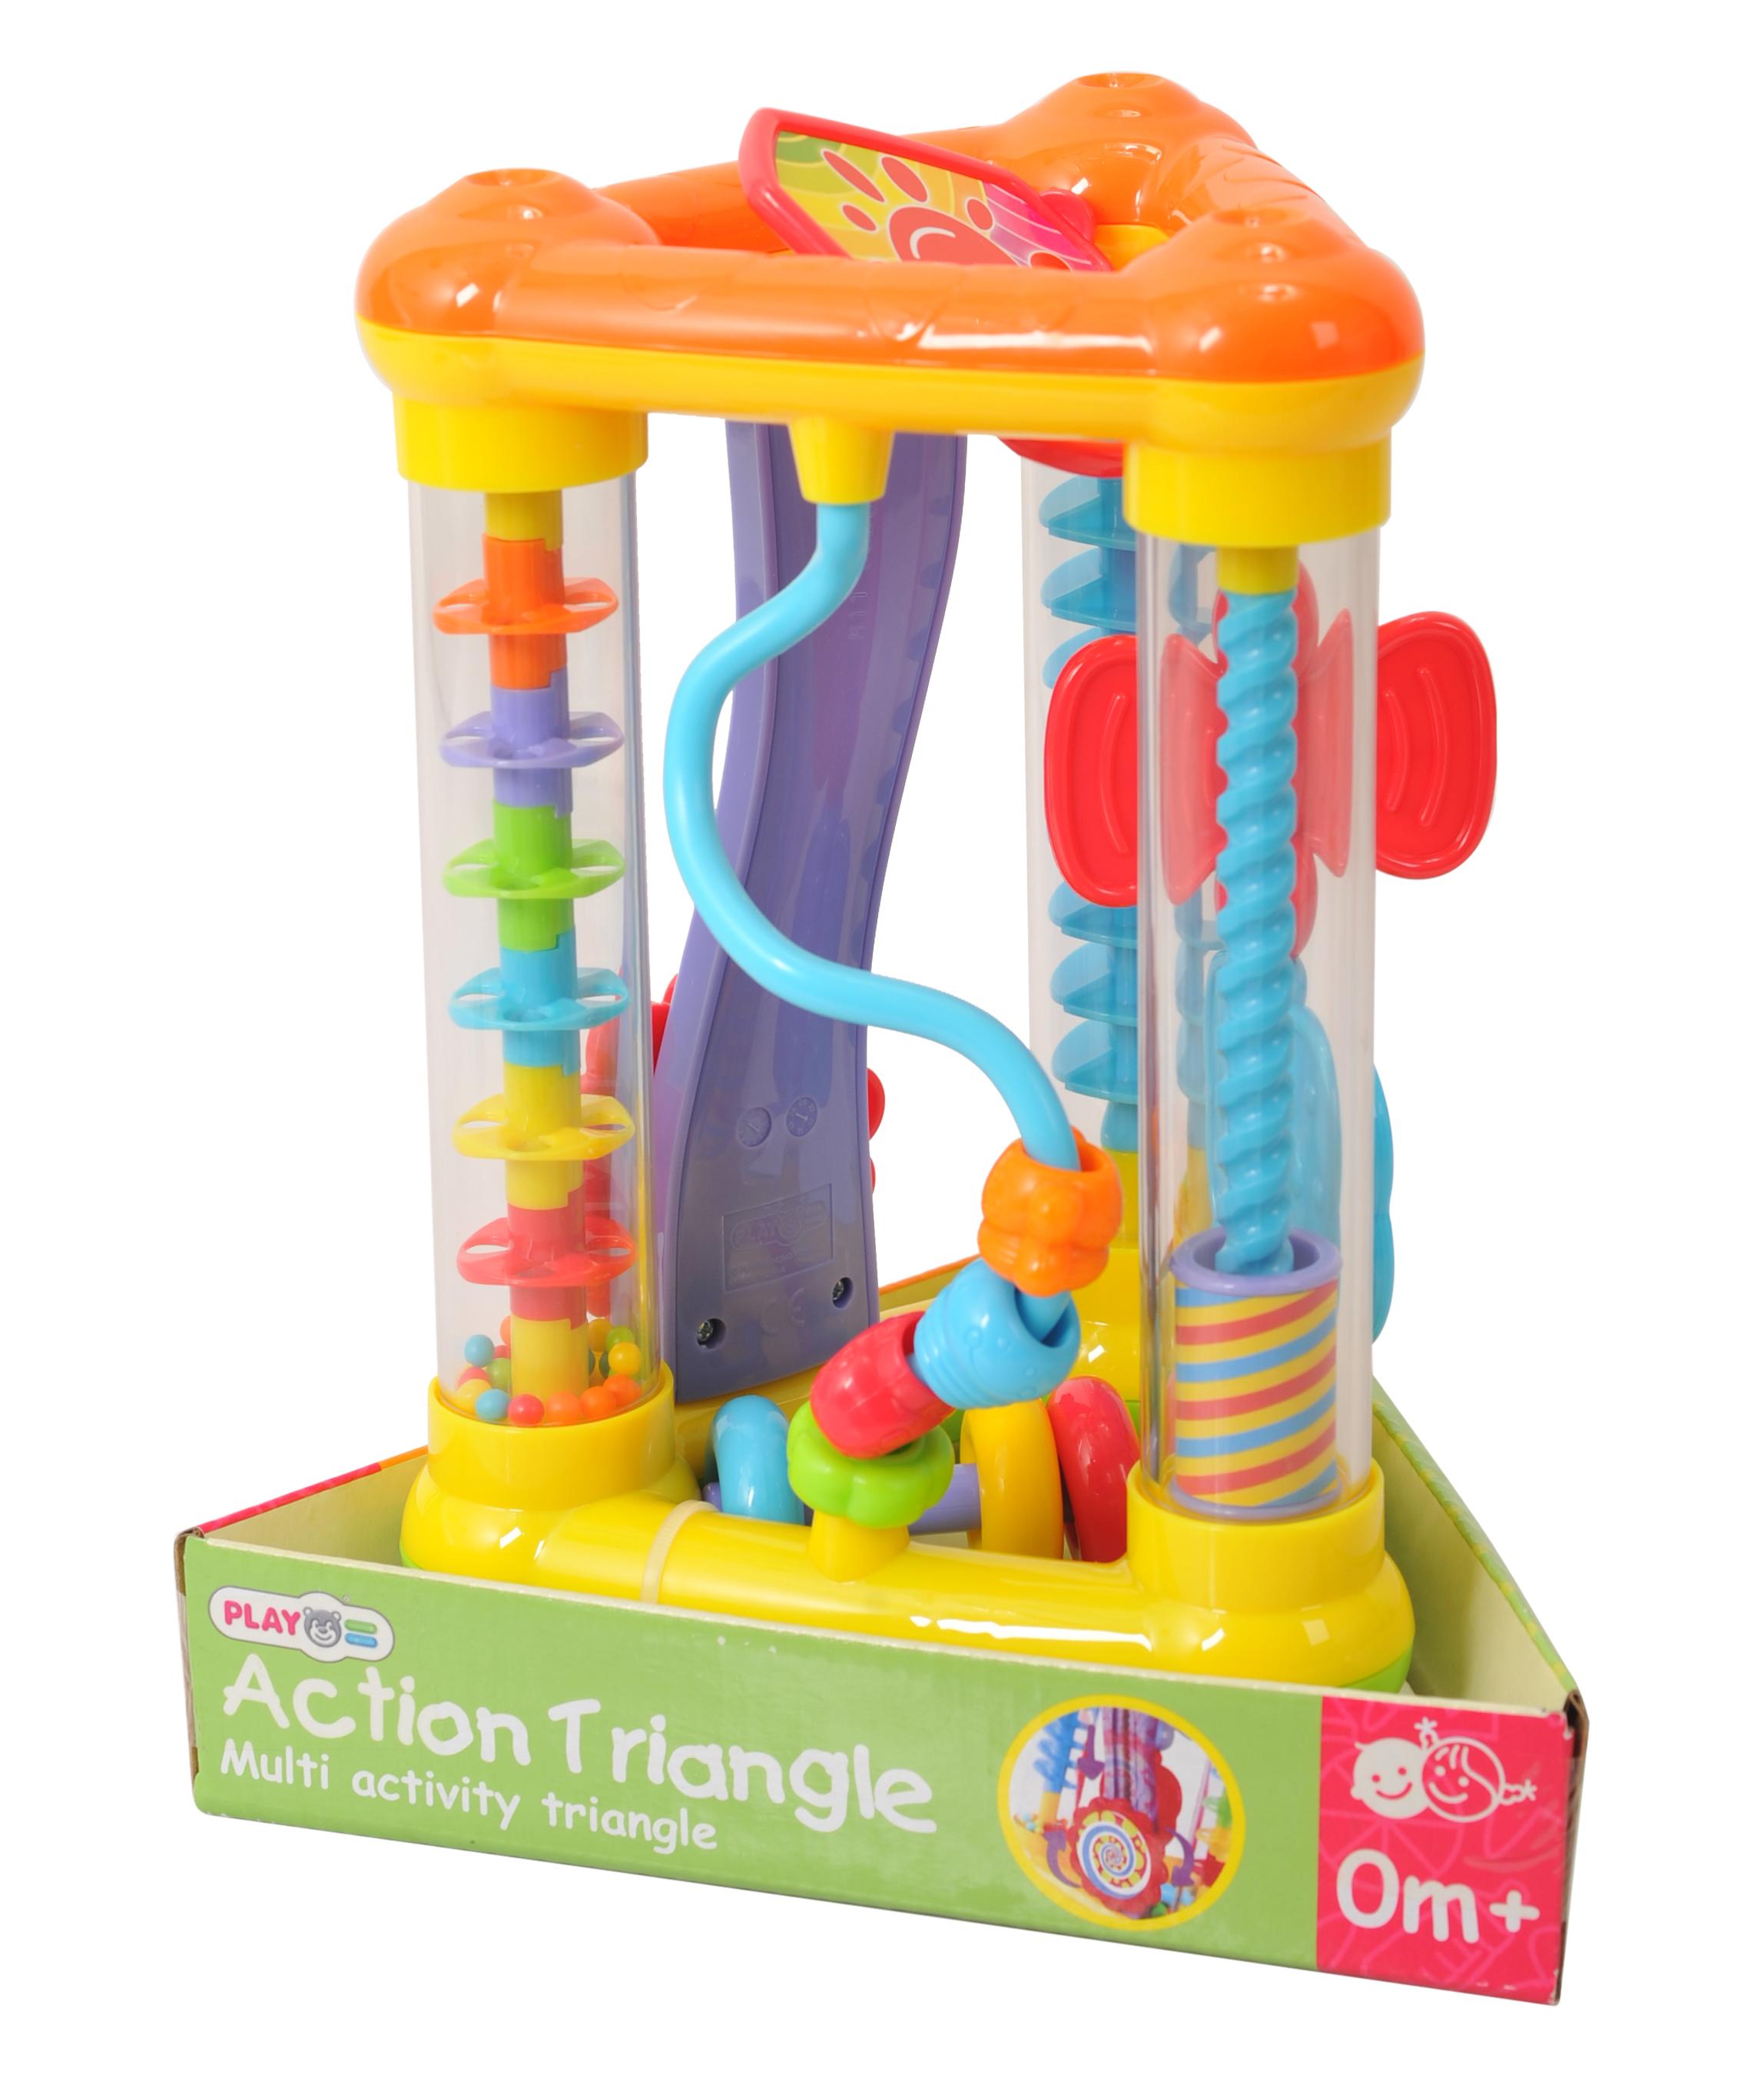 Playgo Активный игровой центр ТреугольникPlay 2249Вашему малышу захочется разобраться в этой яркой игрушке, потрогать и покрутить все элементы набора. Множество интерактивных элементов, спиральки, безопасное зеркальце, надолго увлекут ребенка. По цветам спиралек малыш научится распознавать цвета: зеленый, голубой, желтый, красный. Желоб, по которому скатываются шарики, фиолетового цвета. Малыш научится узнавать цвета. Игрушку можно брать всюду с собой, благодаря её небольшим размерам. Игрушка развивает моторику и мышление, побуждает ребенка к двигательной активности.